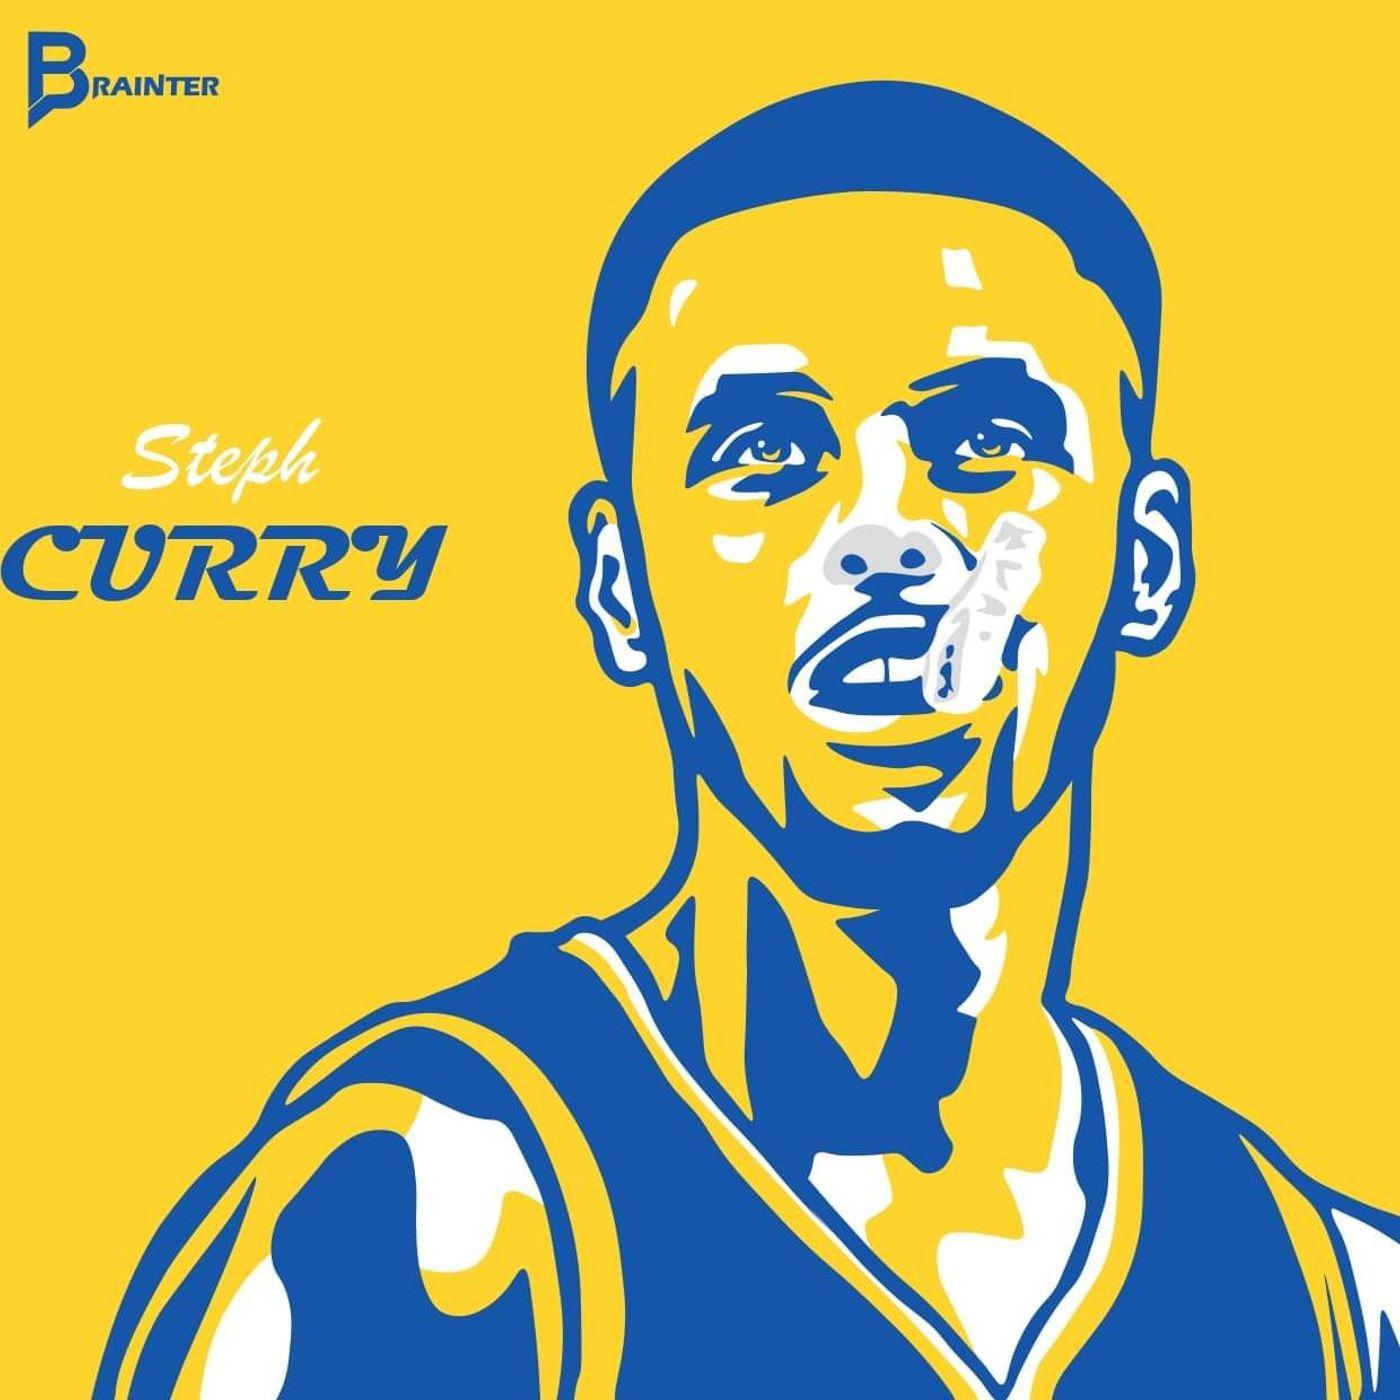 Il fantastico mondo di Steph Curry